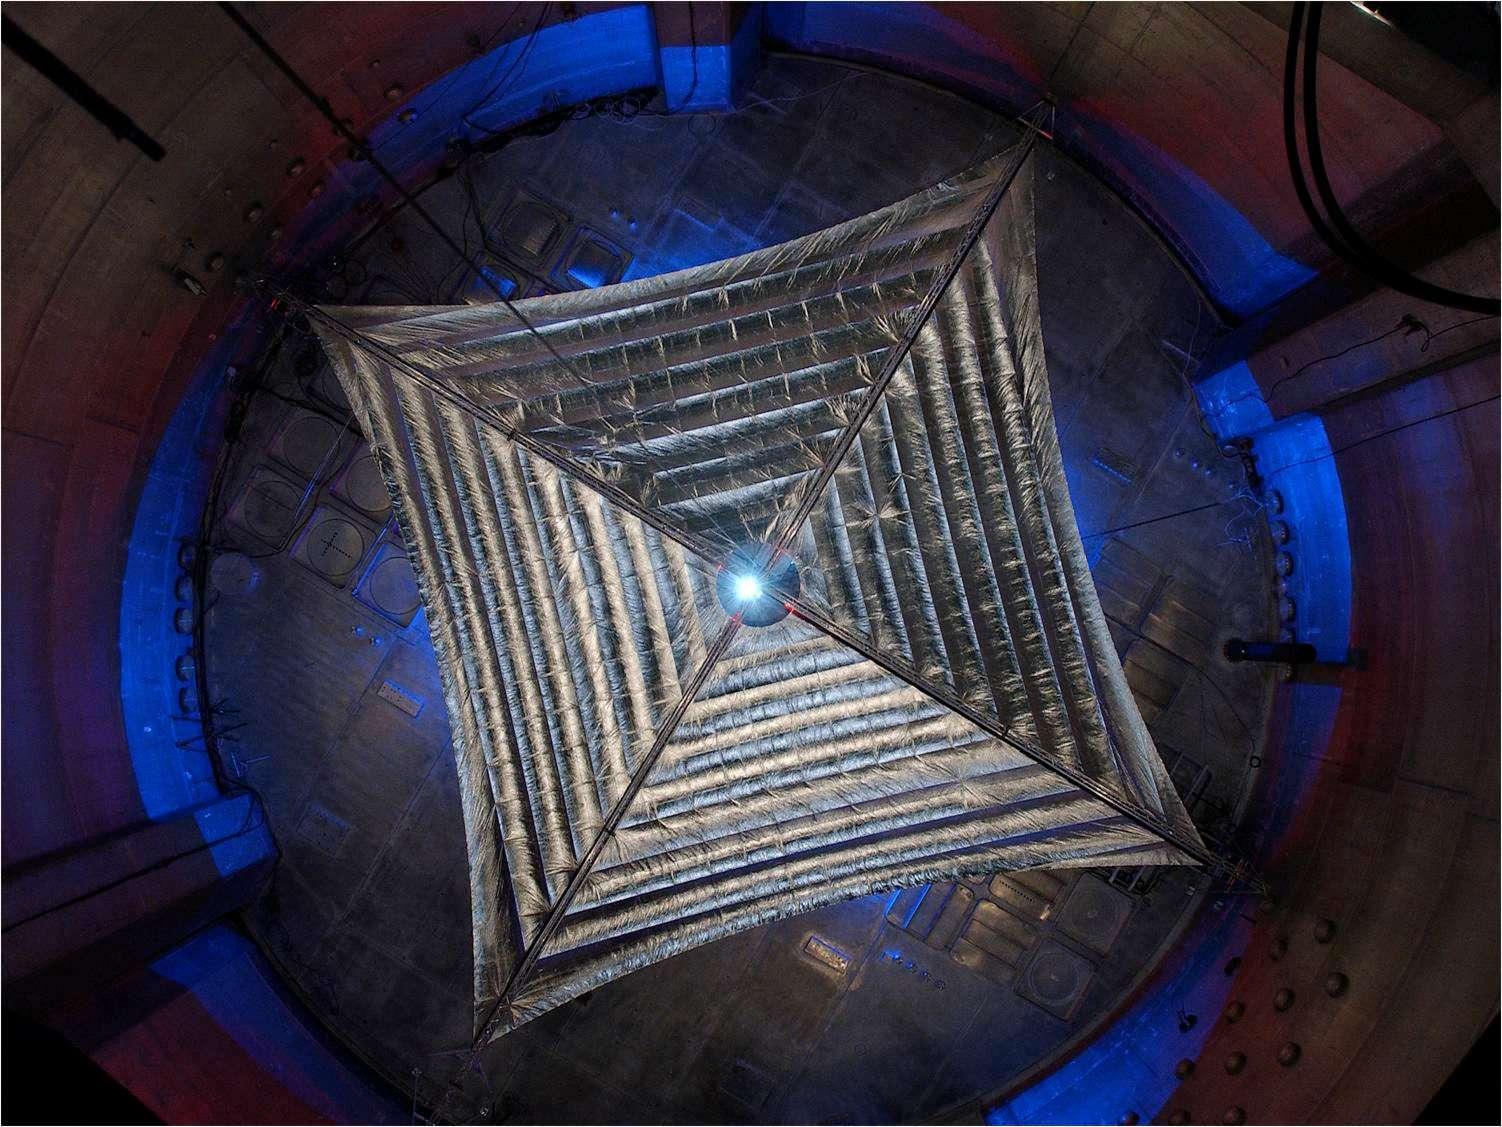 Essai de déploiement de la voile Sunjammer avant qu'elle ne soit pliée de façon méticuleuse, afin d'éviter qu'elle se froisse au moment de son ouverture dans l'espace. © Nasa